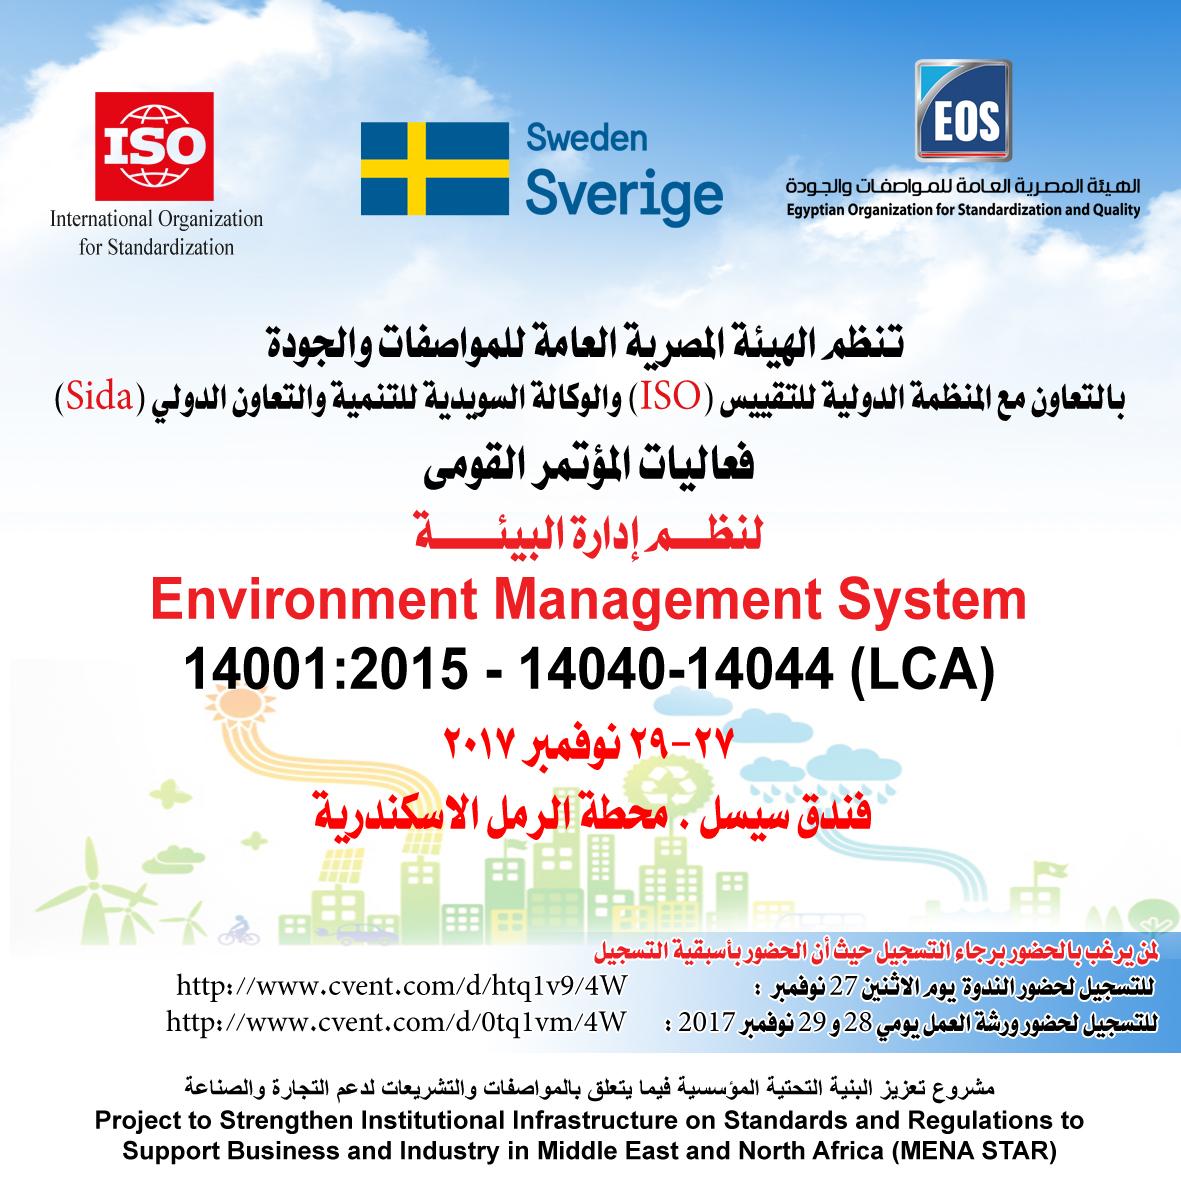 ندوة وورشة عمل نظم إدارة البيئة التابعة لمشروع المينا ستار بأكاديمية الأيزو